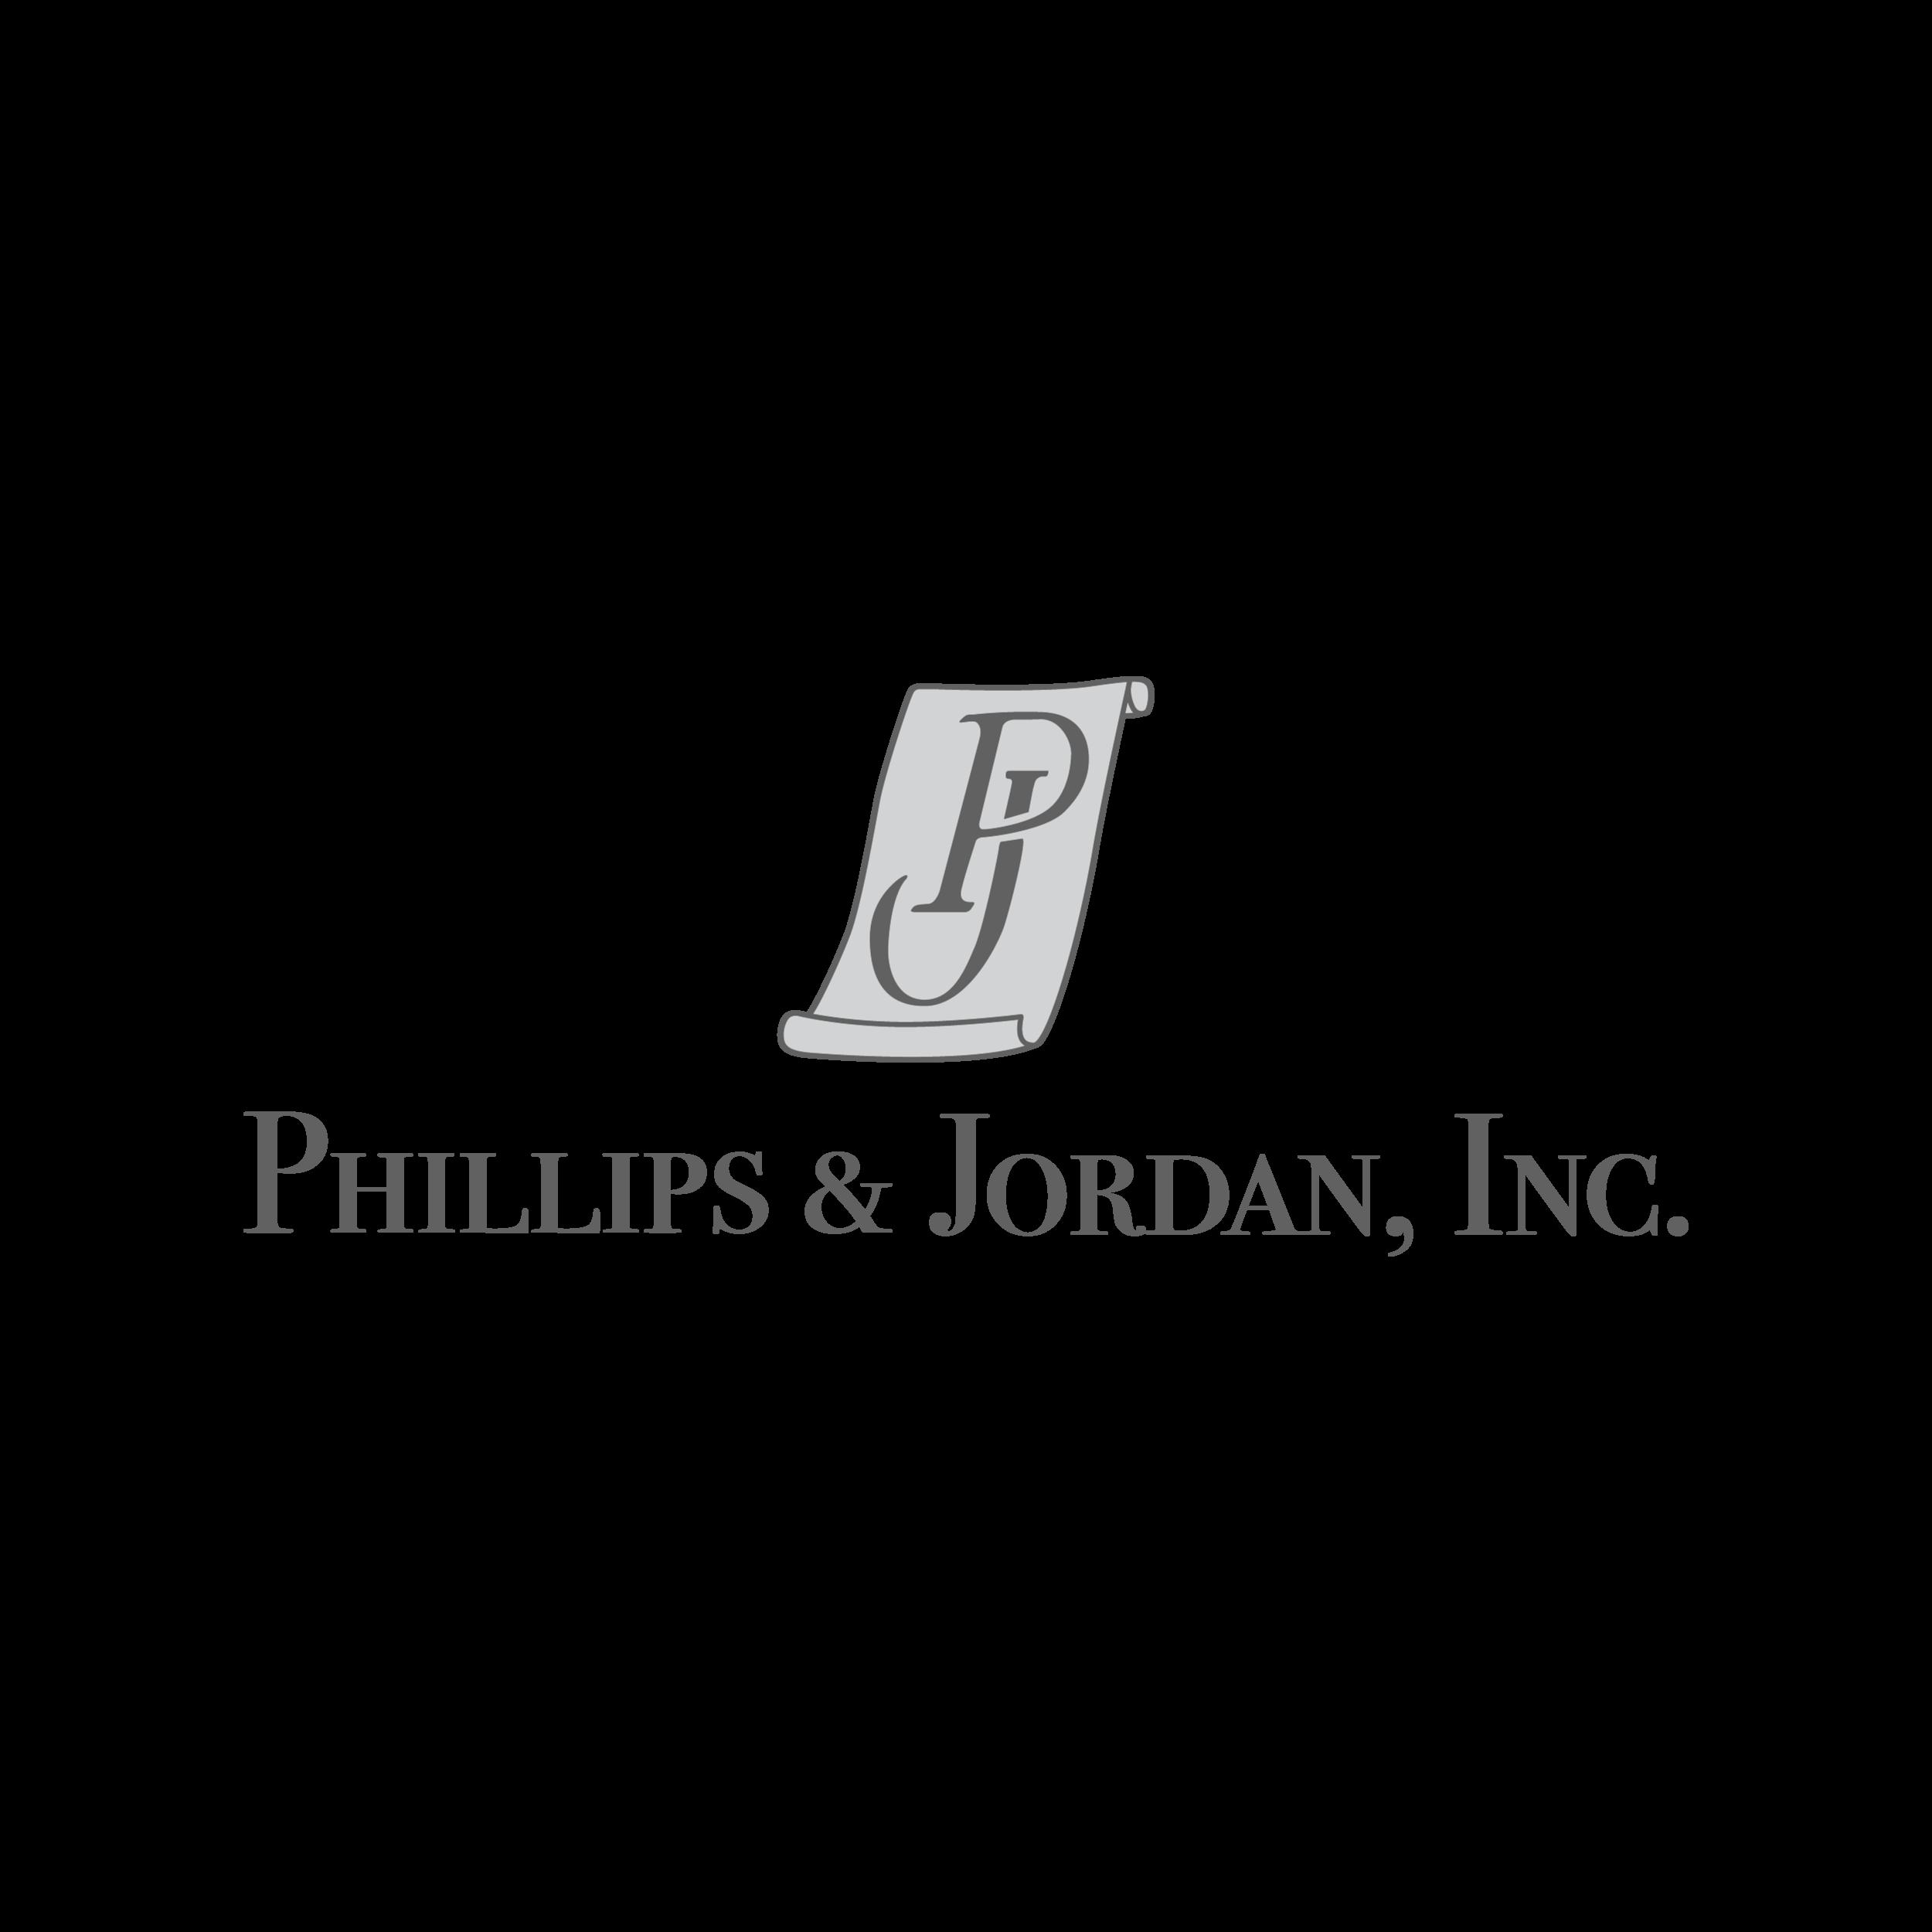 manufacturing_logos-09.png